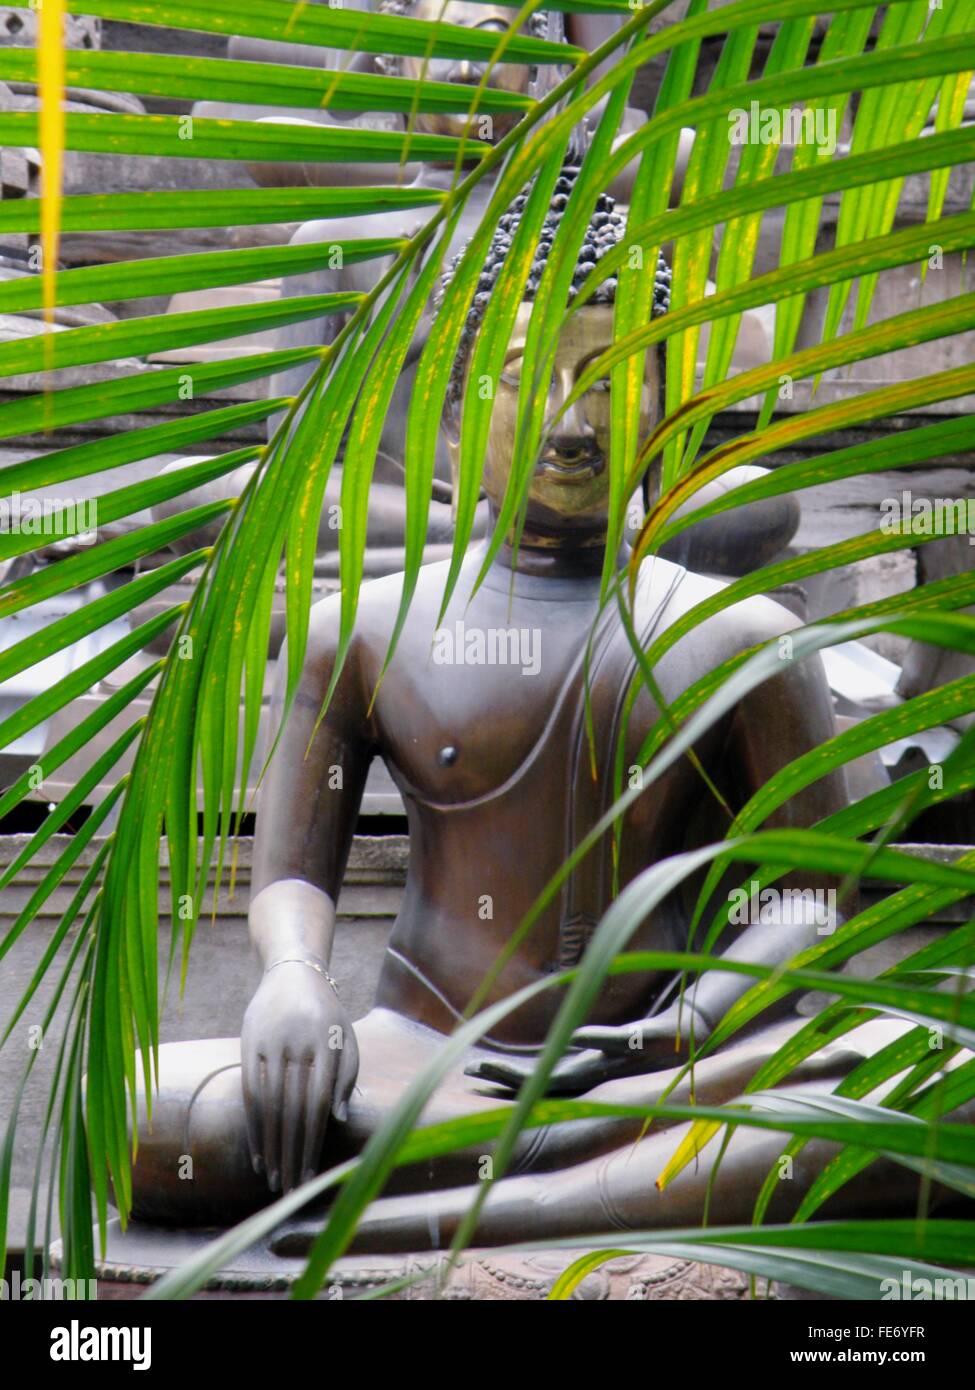 Di foglie di palma che blocca la visualizzazione di statue di Buddha Immagini Stock